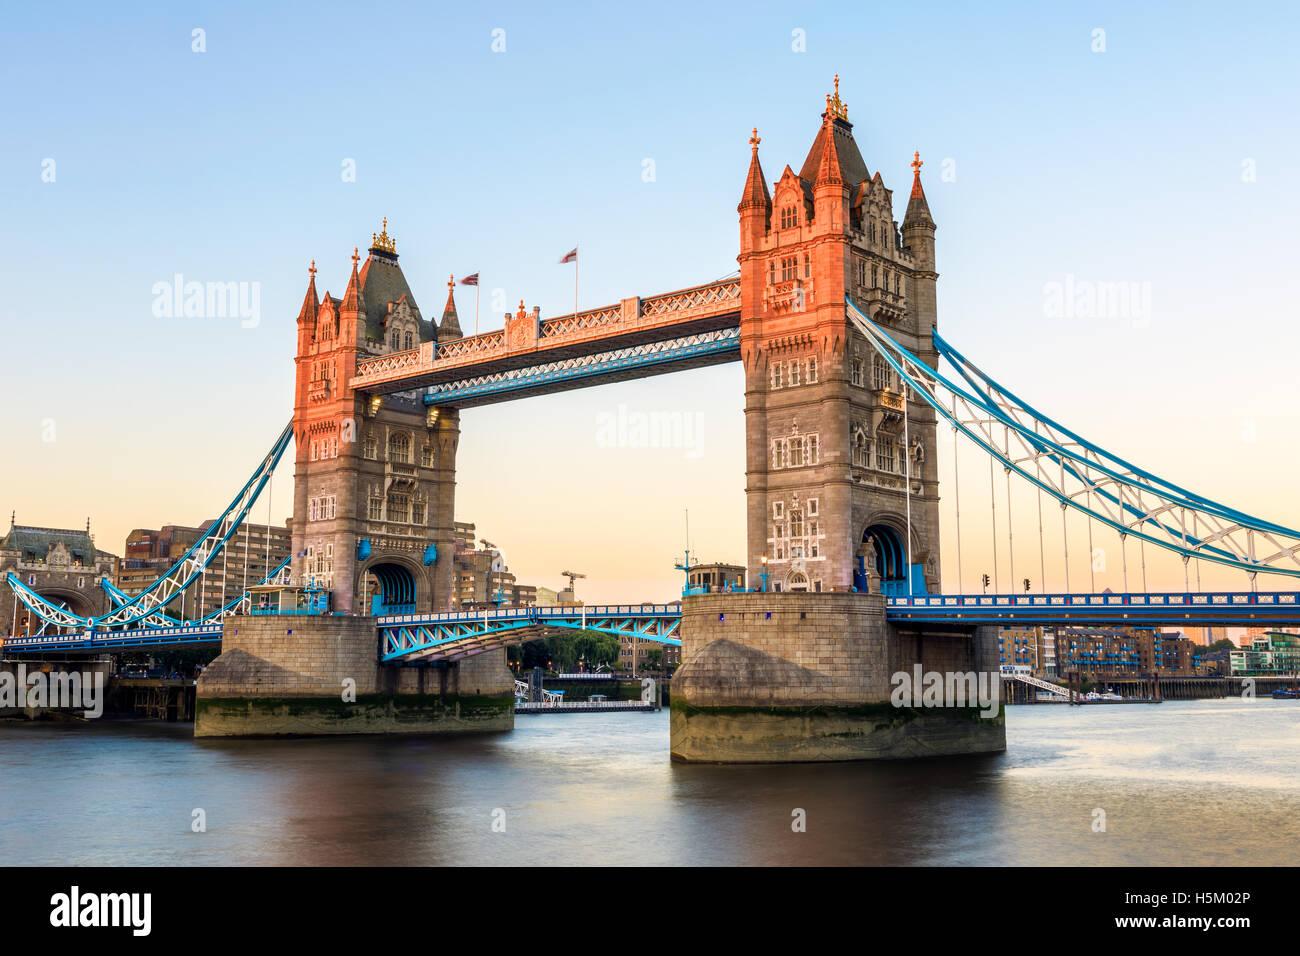 Tower Bridge in London bei Sonnenuntergang, gießen ein orangefarbenes Licht am Ende der Brücke Stockbild